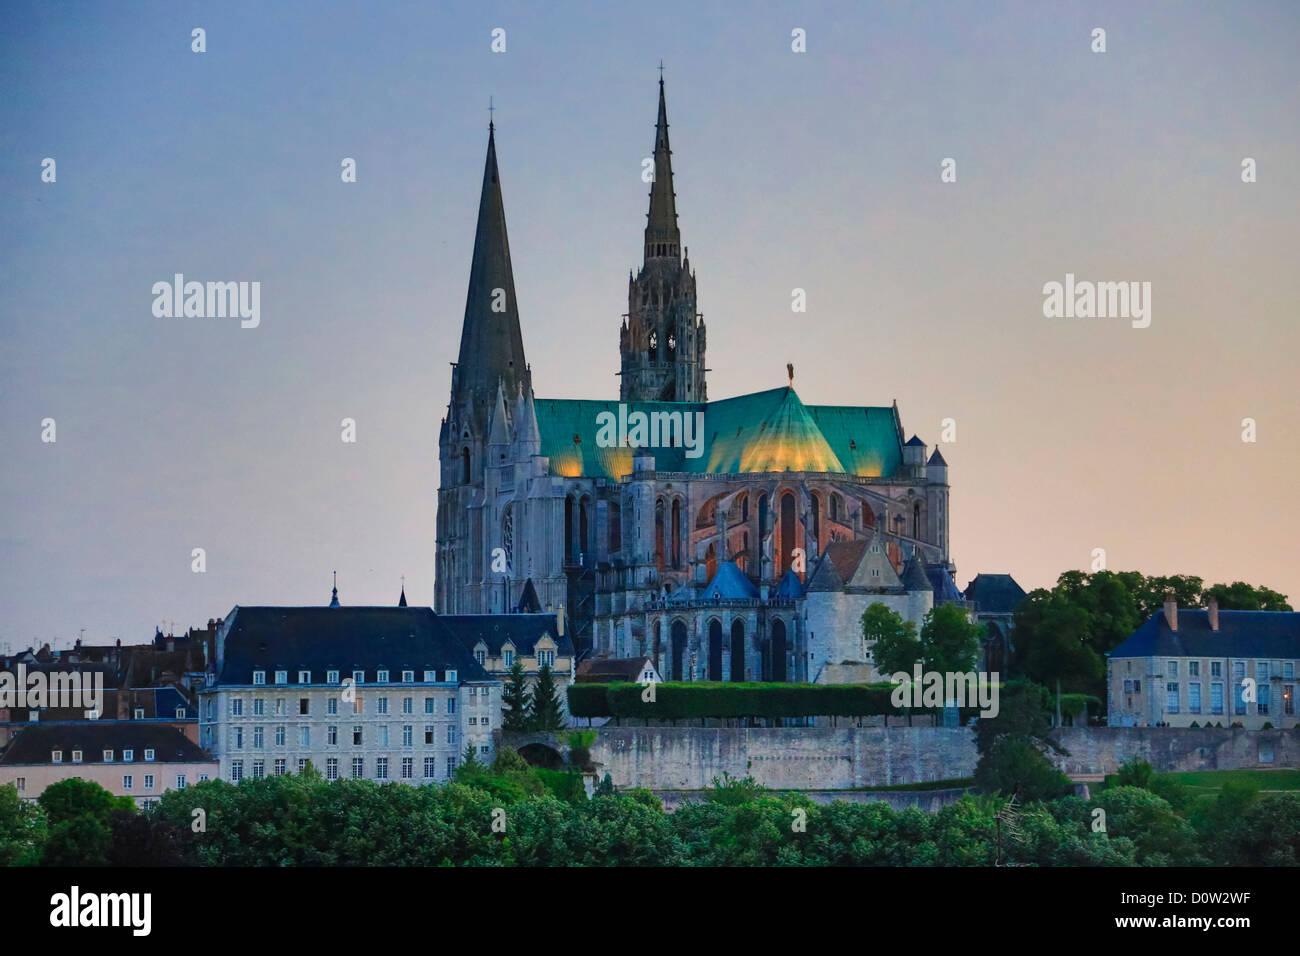 France, Europe, voyage, Chartres, cathédrale, patrimoine mondial, l'architecture, l'histoire, cité Photo Stock